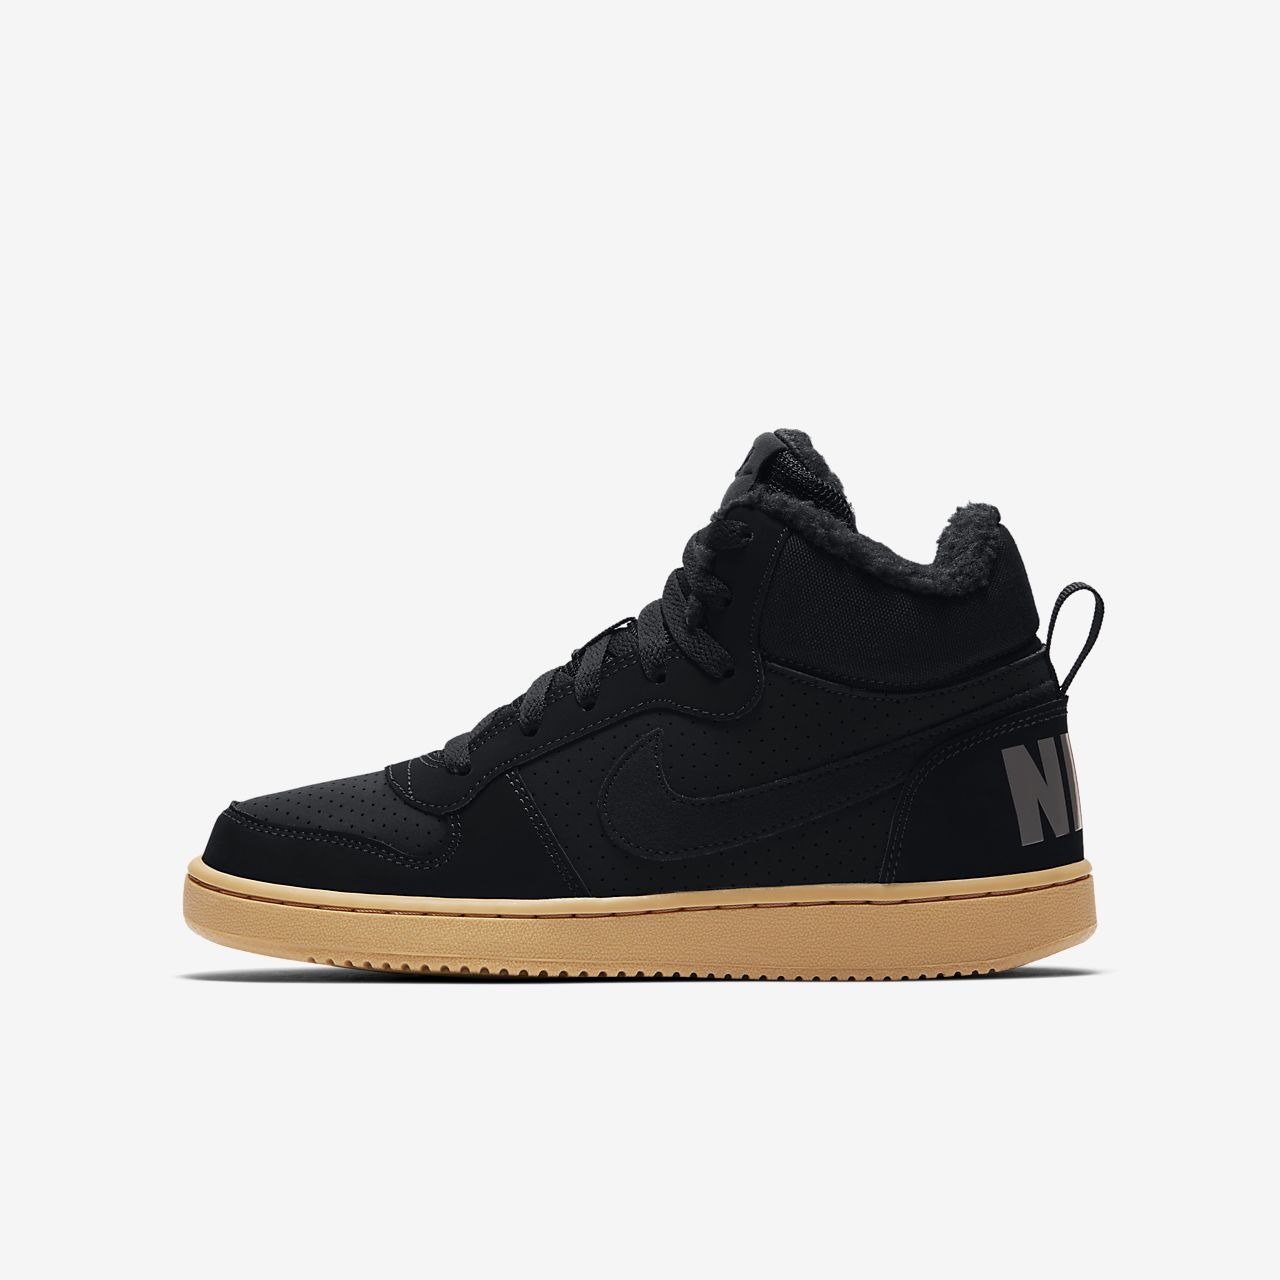 cheap for discount b67b1 06dd0 ... Chaussure Nike Court Borough Mid Winter pour Enfant plus âgé